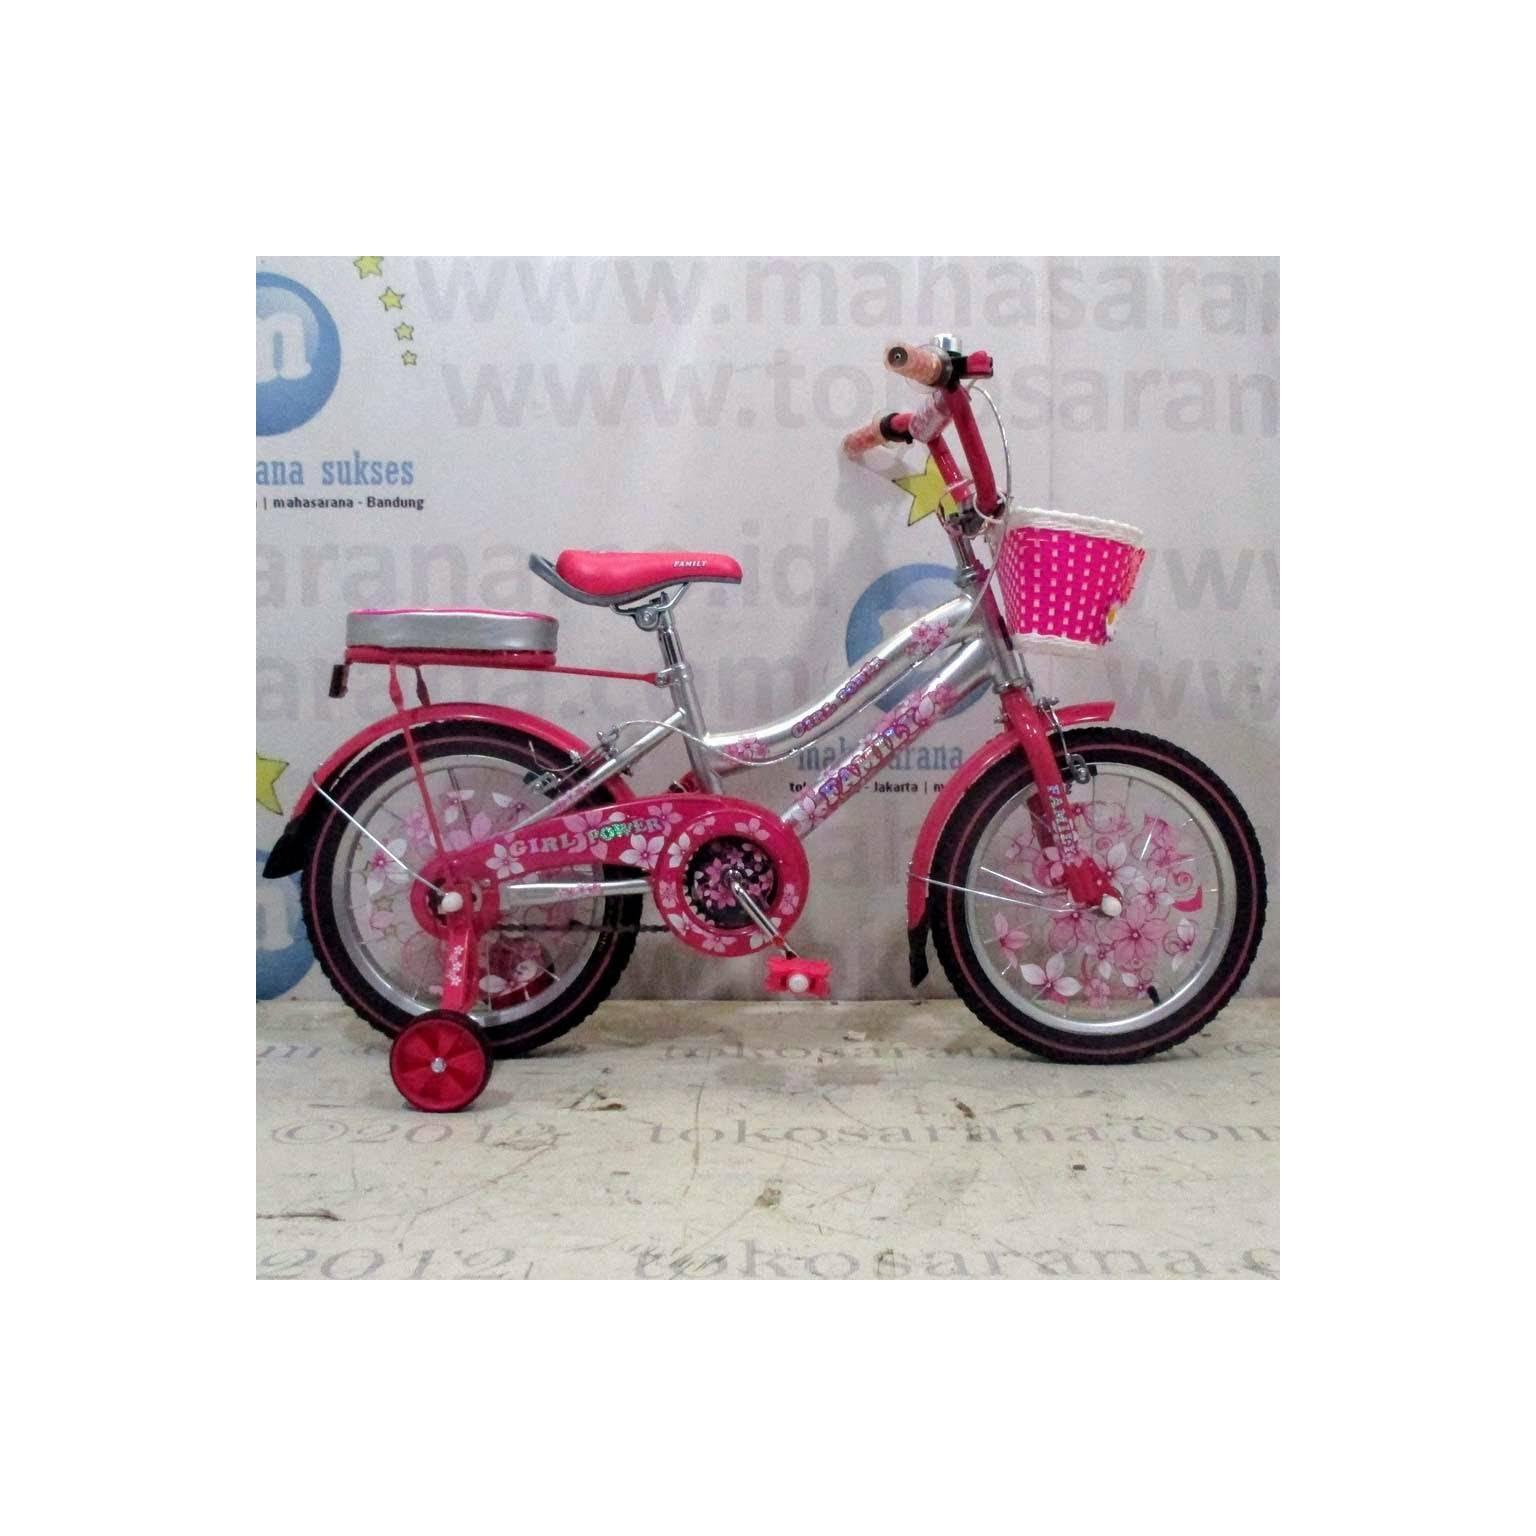 16in Family Girl Power CTB Sepeda Anak Perempuan Usia 4 - 7 Tahun